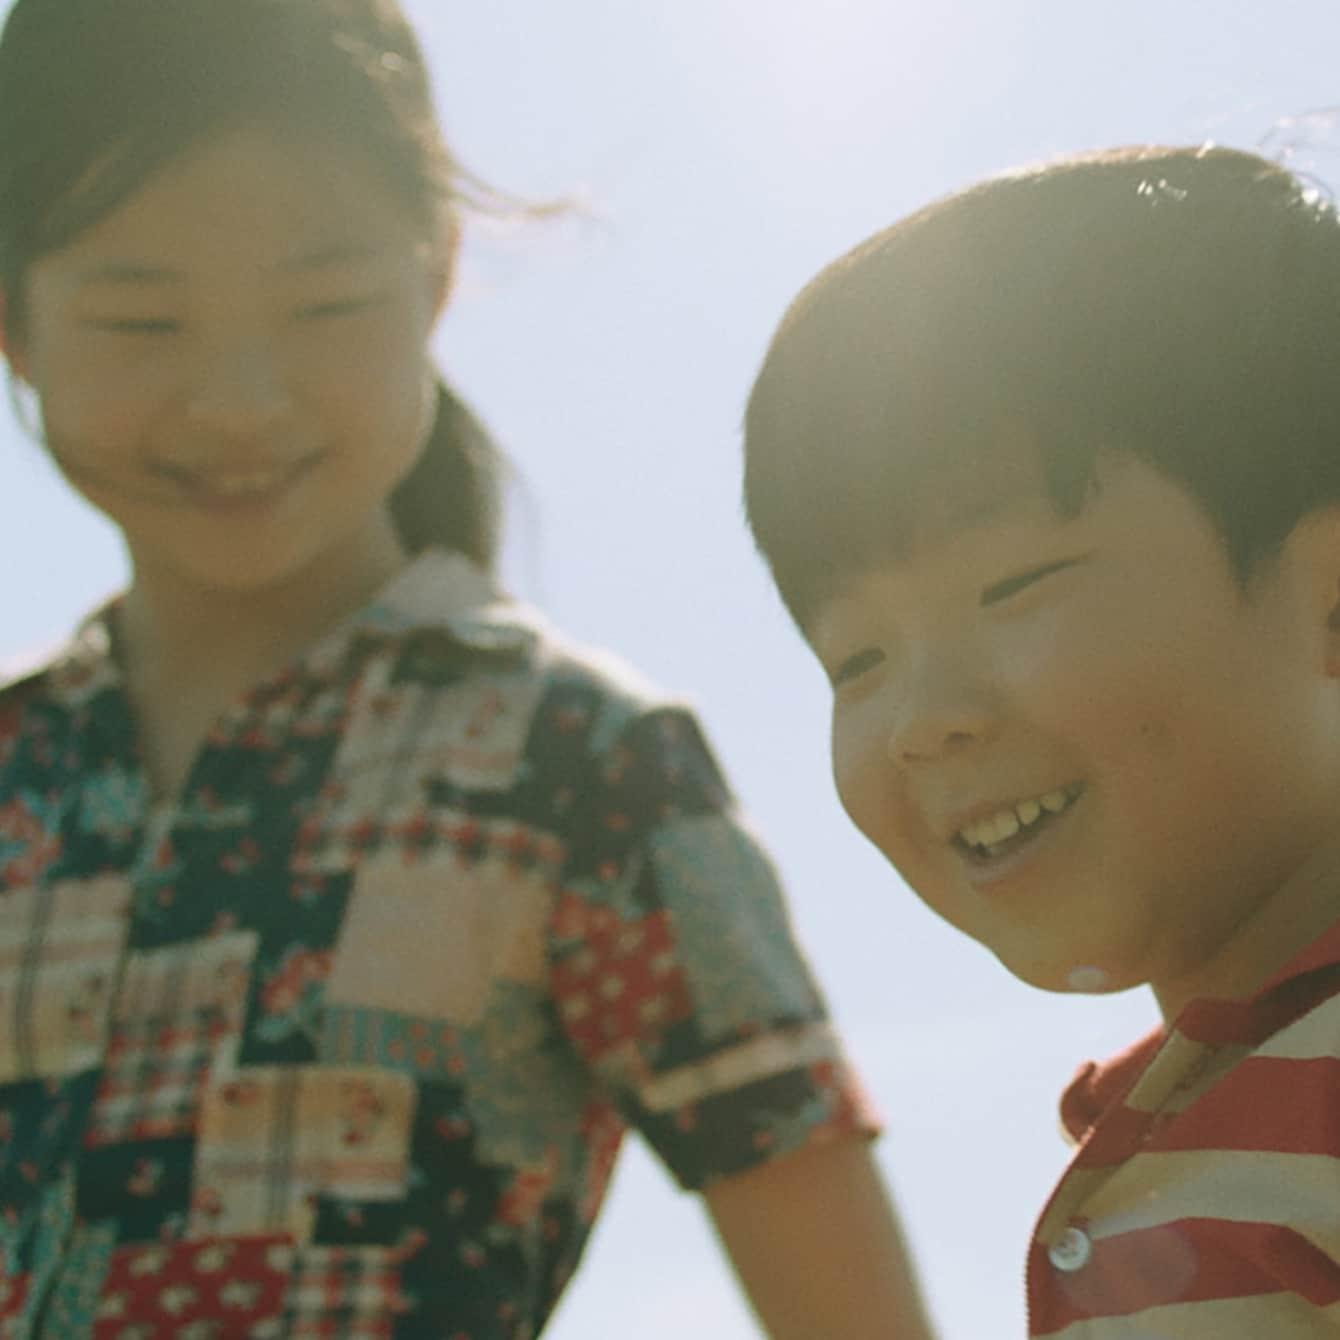 【米倉涼子の新作レビュー】アカデミー賞話題作『ミナリ』で人生の選択について考える